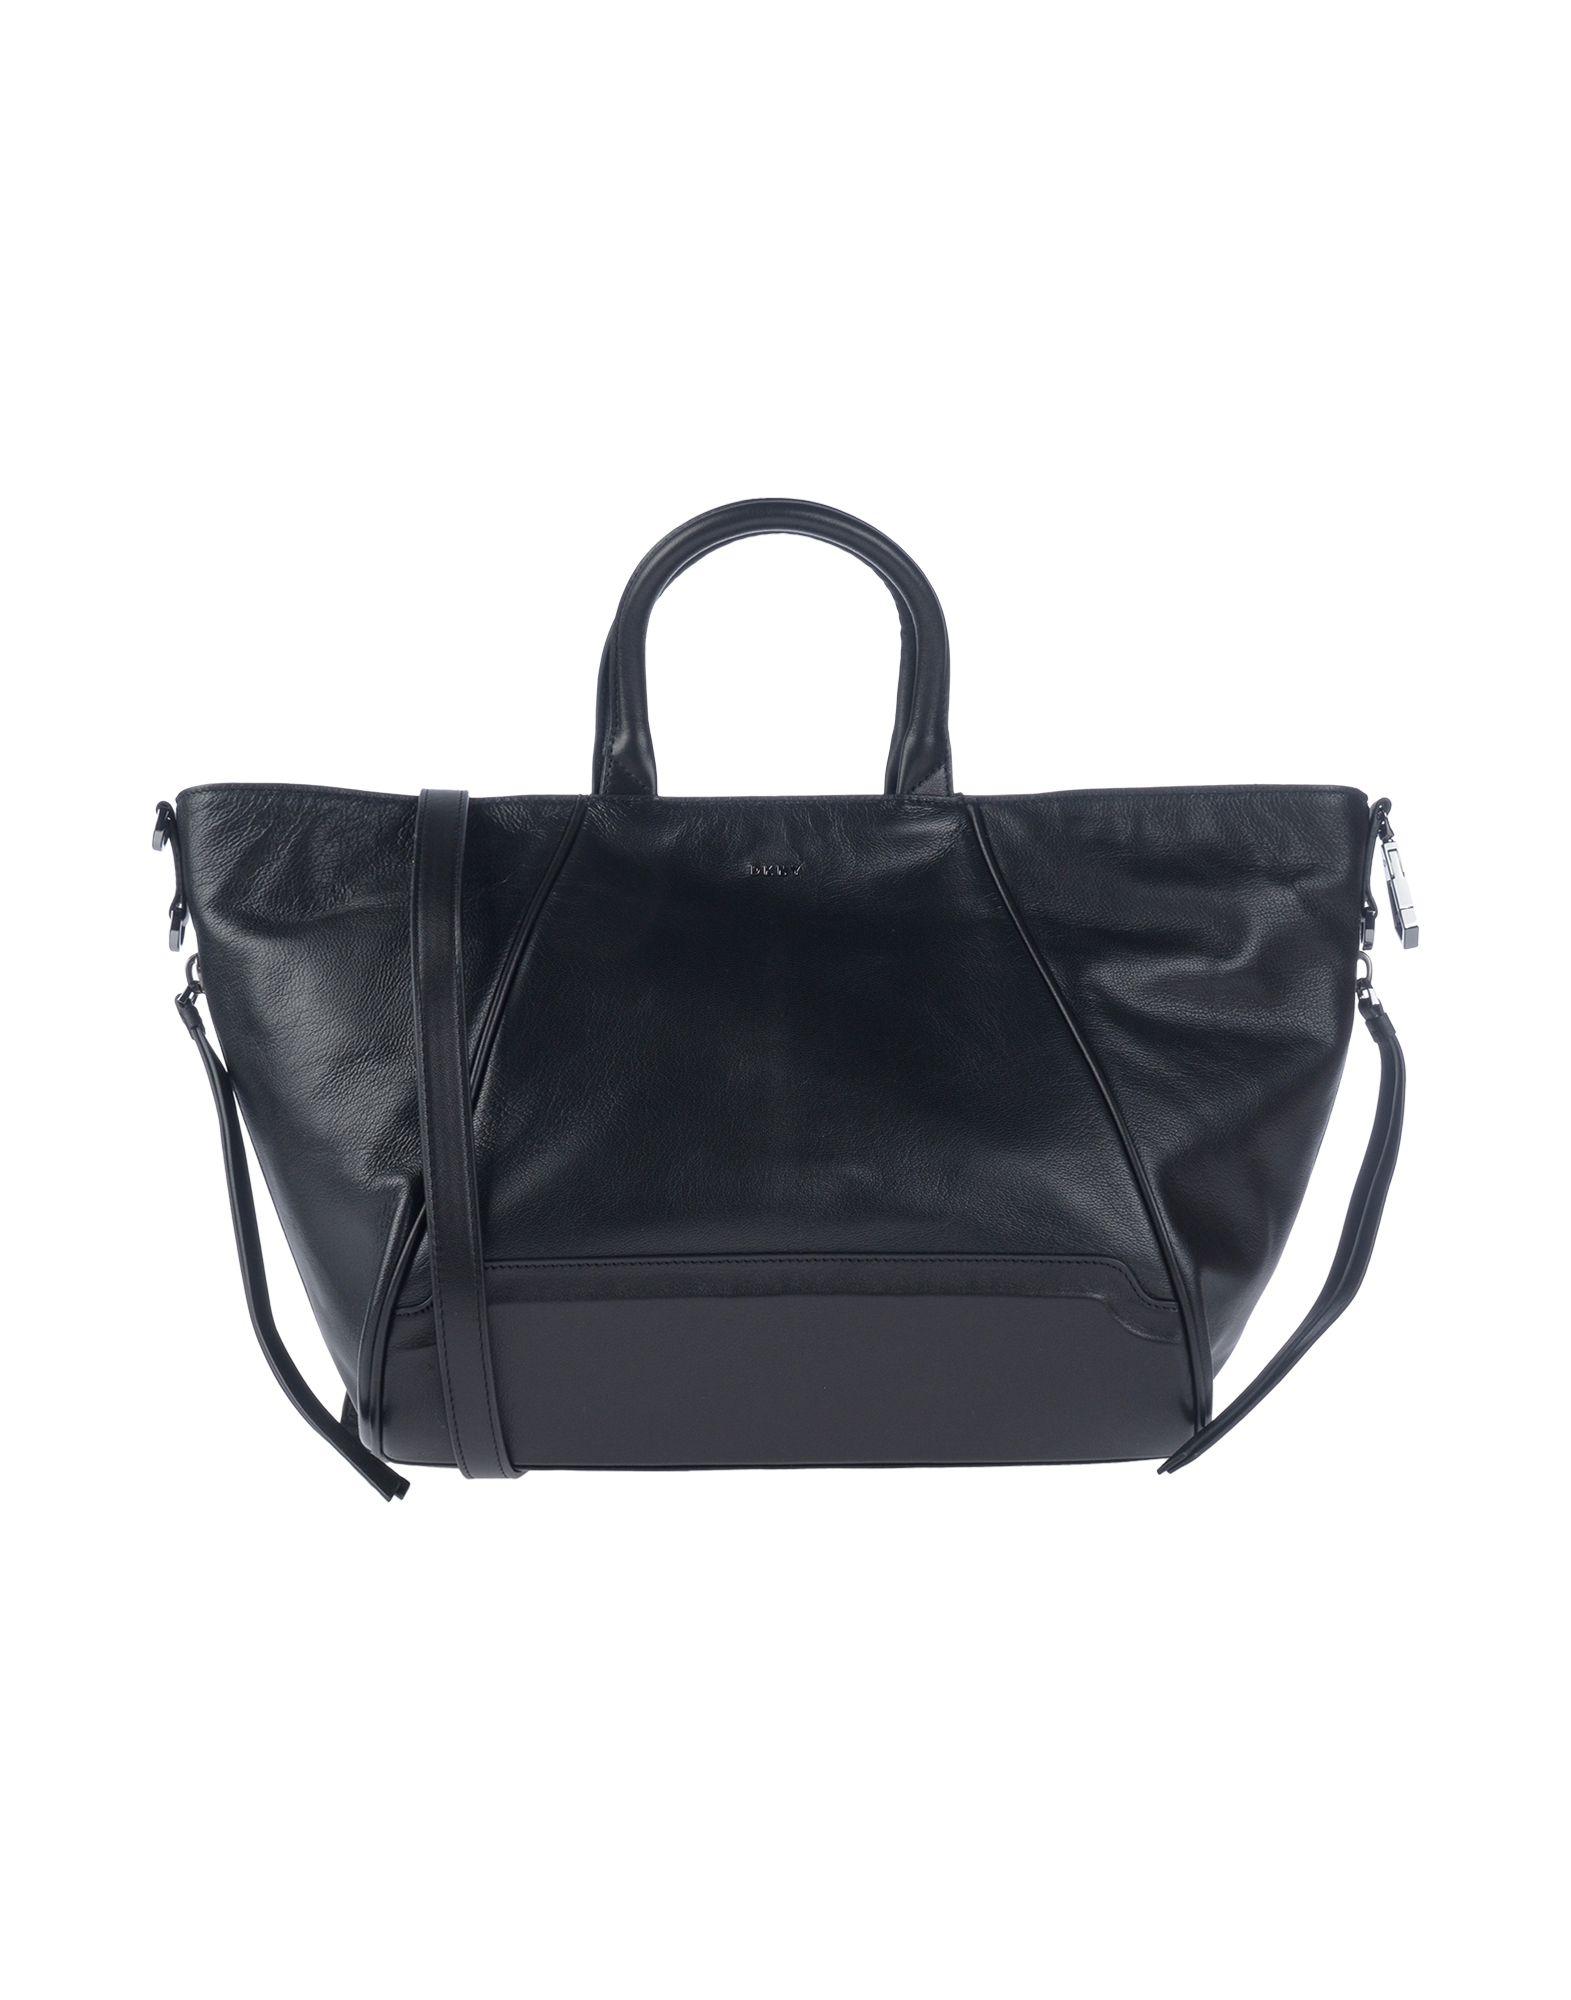 《送料無料》DKNY レディース ハンドバッグ ブラック 山羊革 100% / 牛革